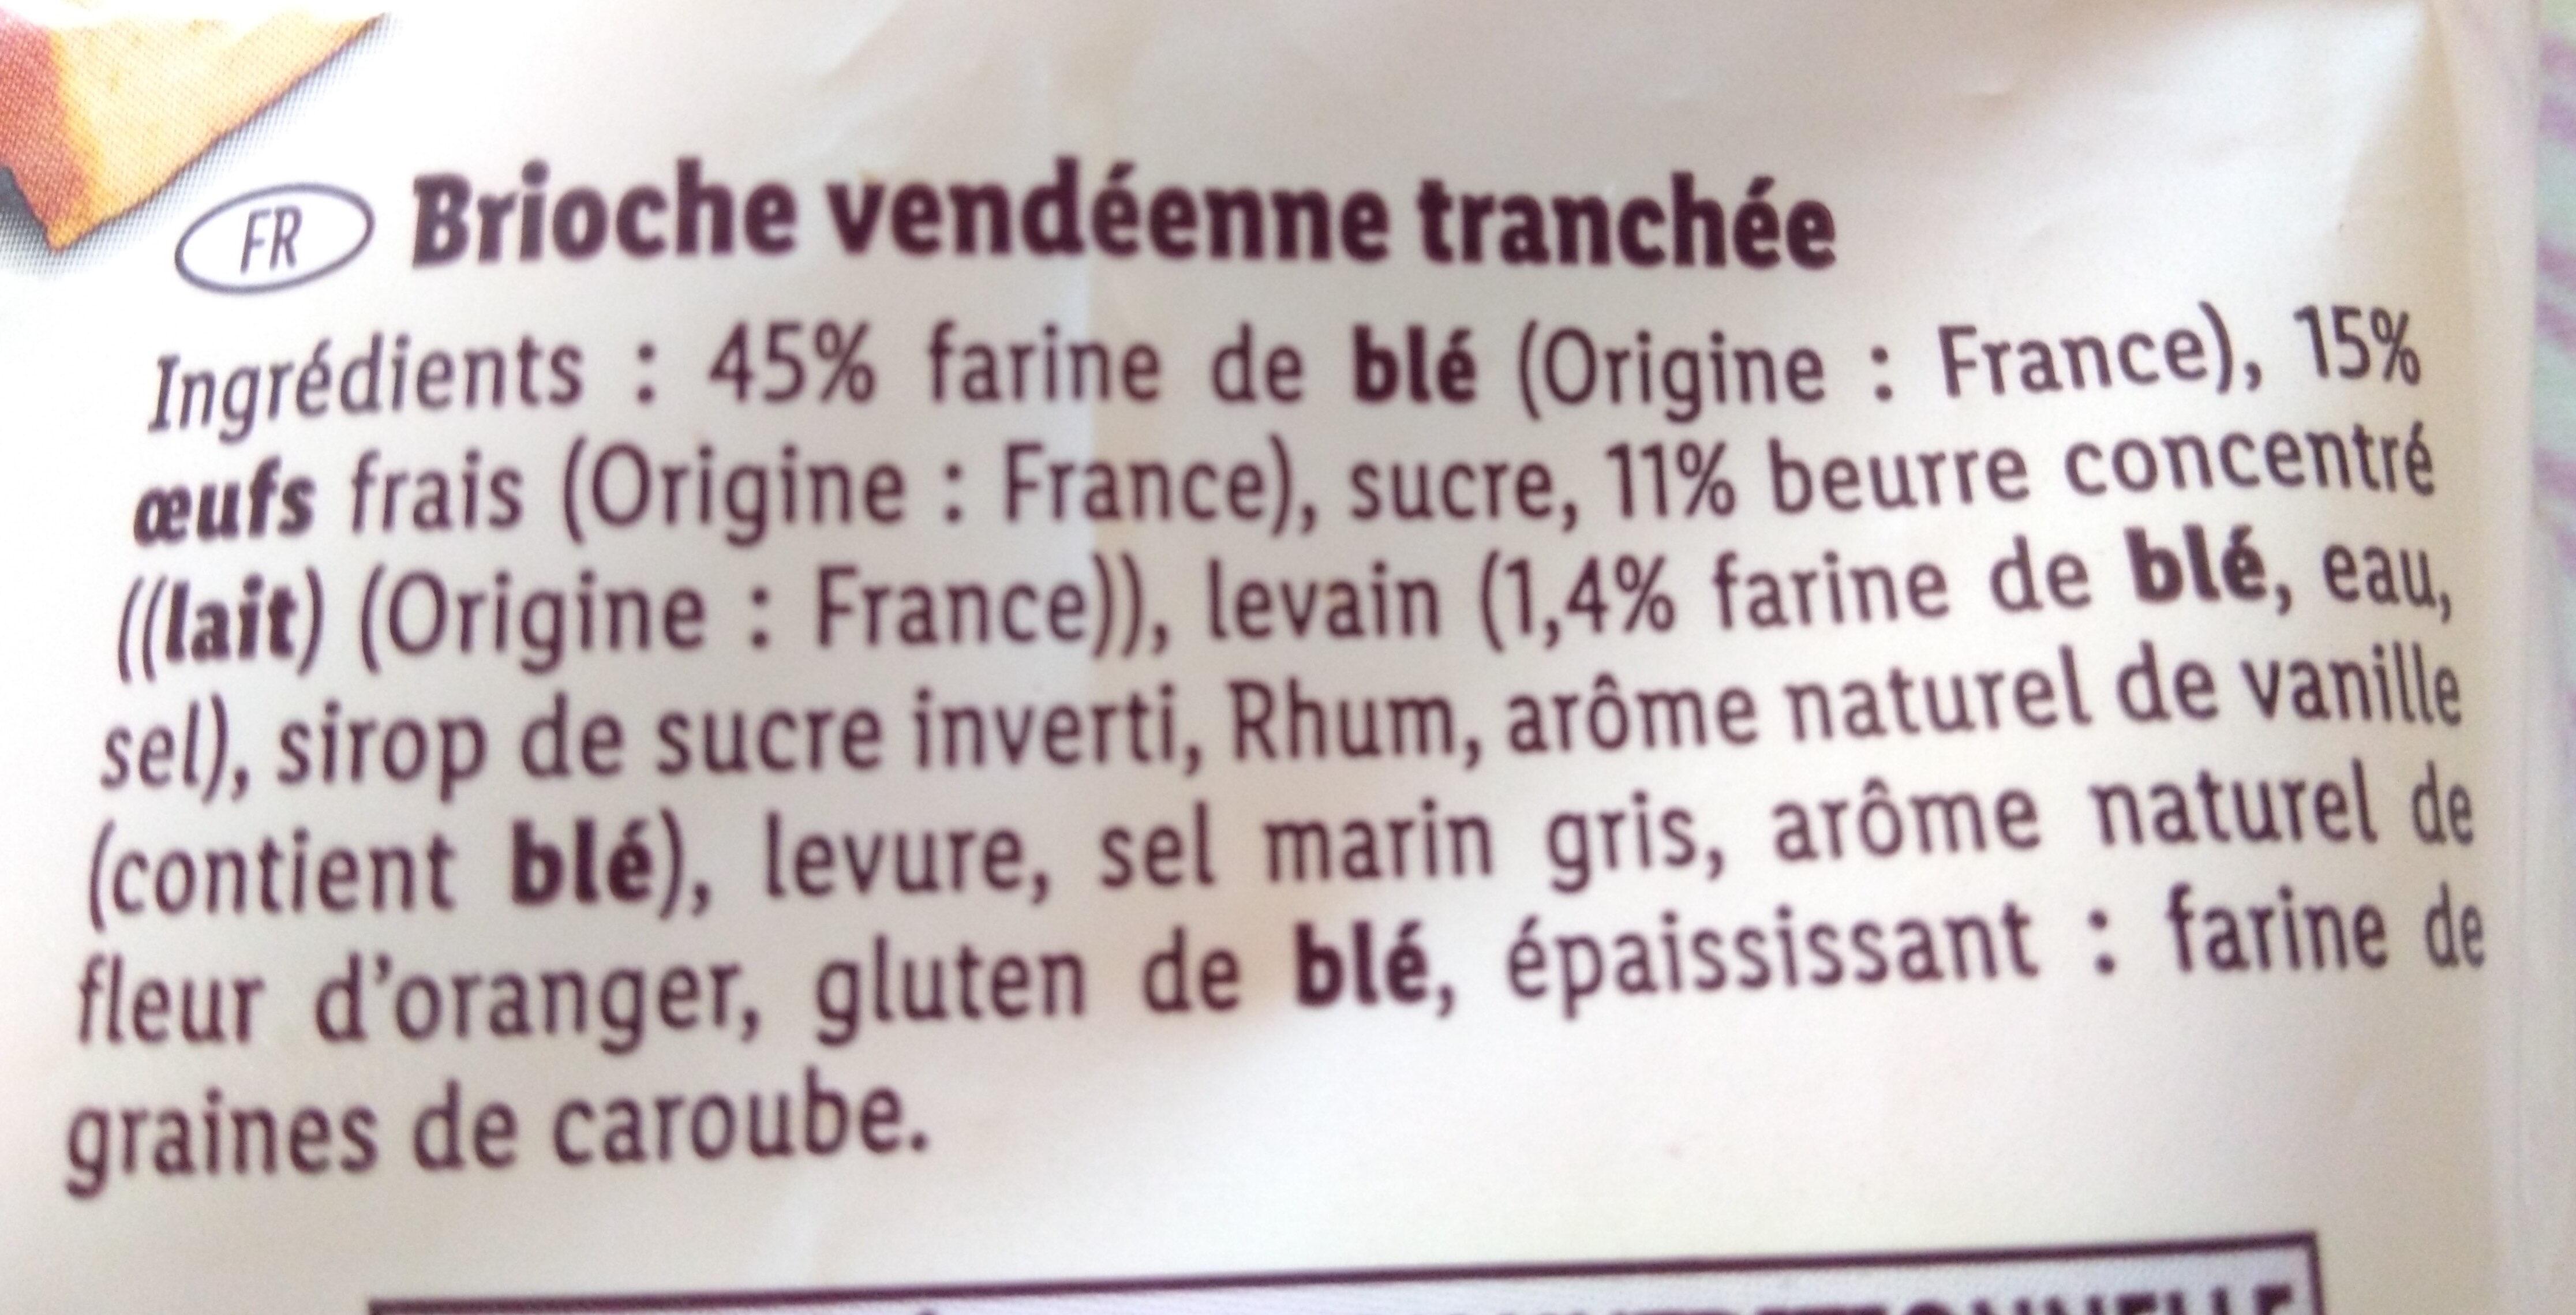 Brioche vendeenne tranchee - Ingredienti - fr